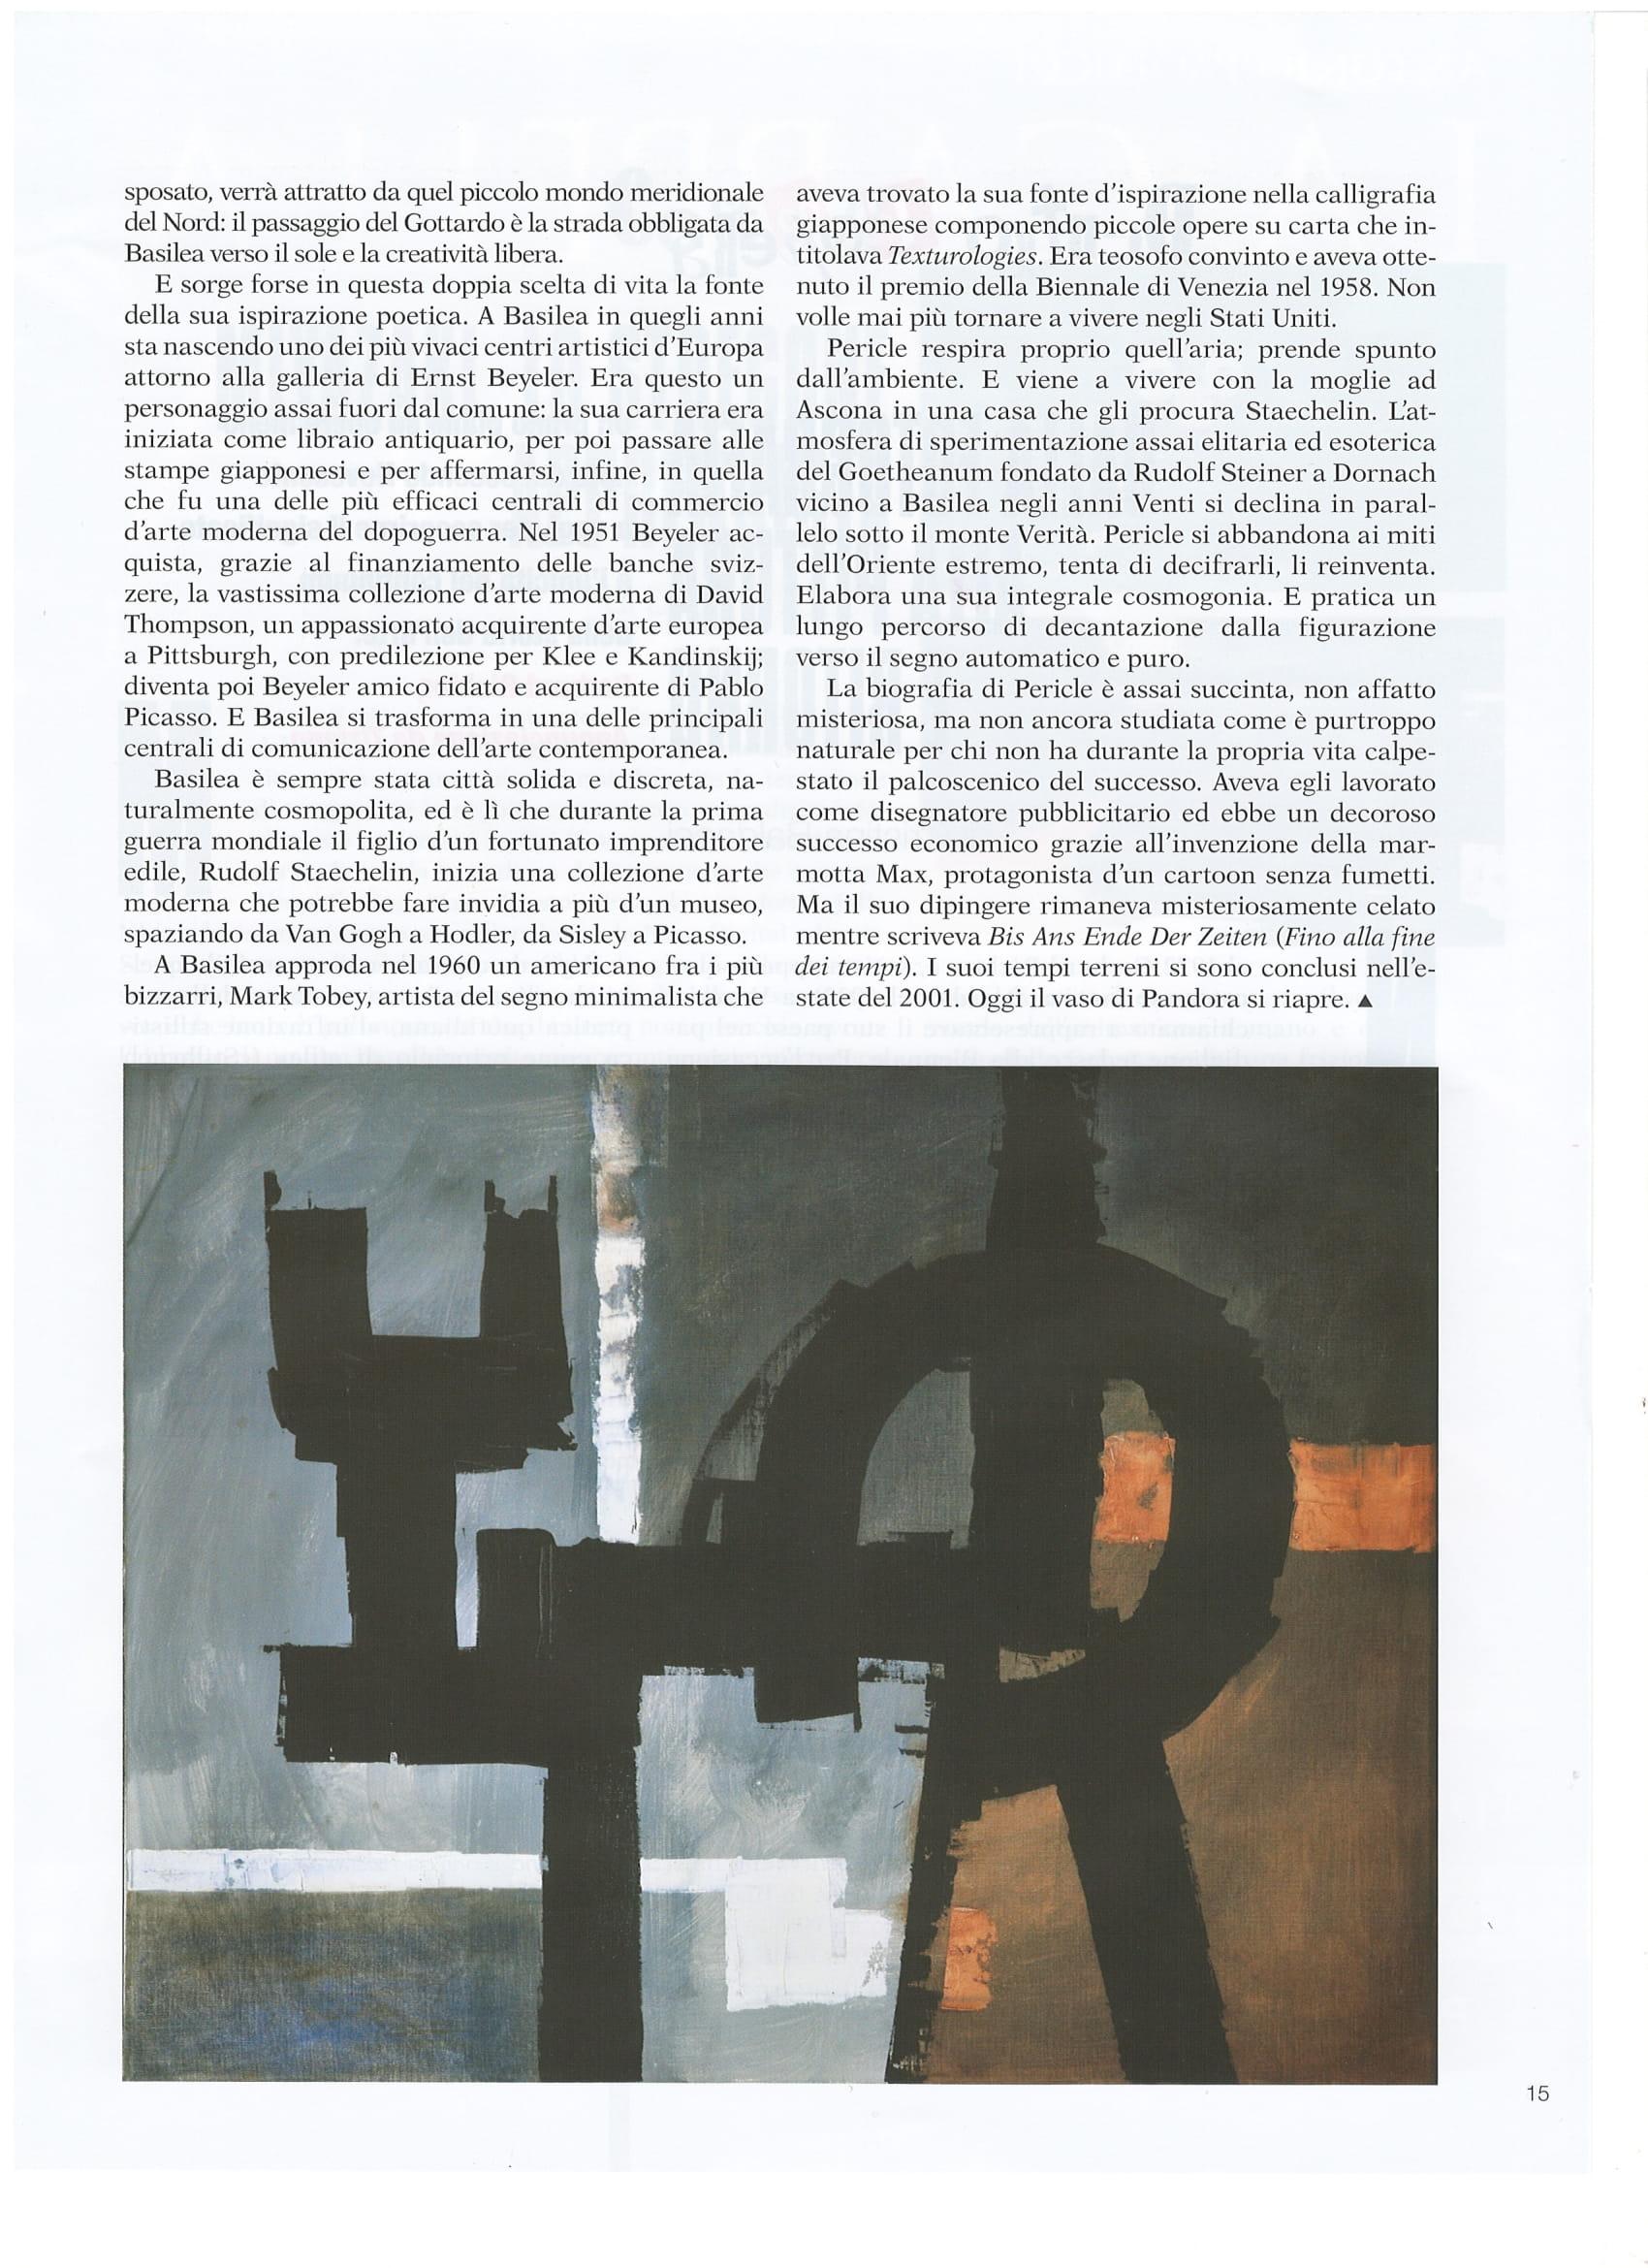 All'ombra di Monte Verità, 3a pagina